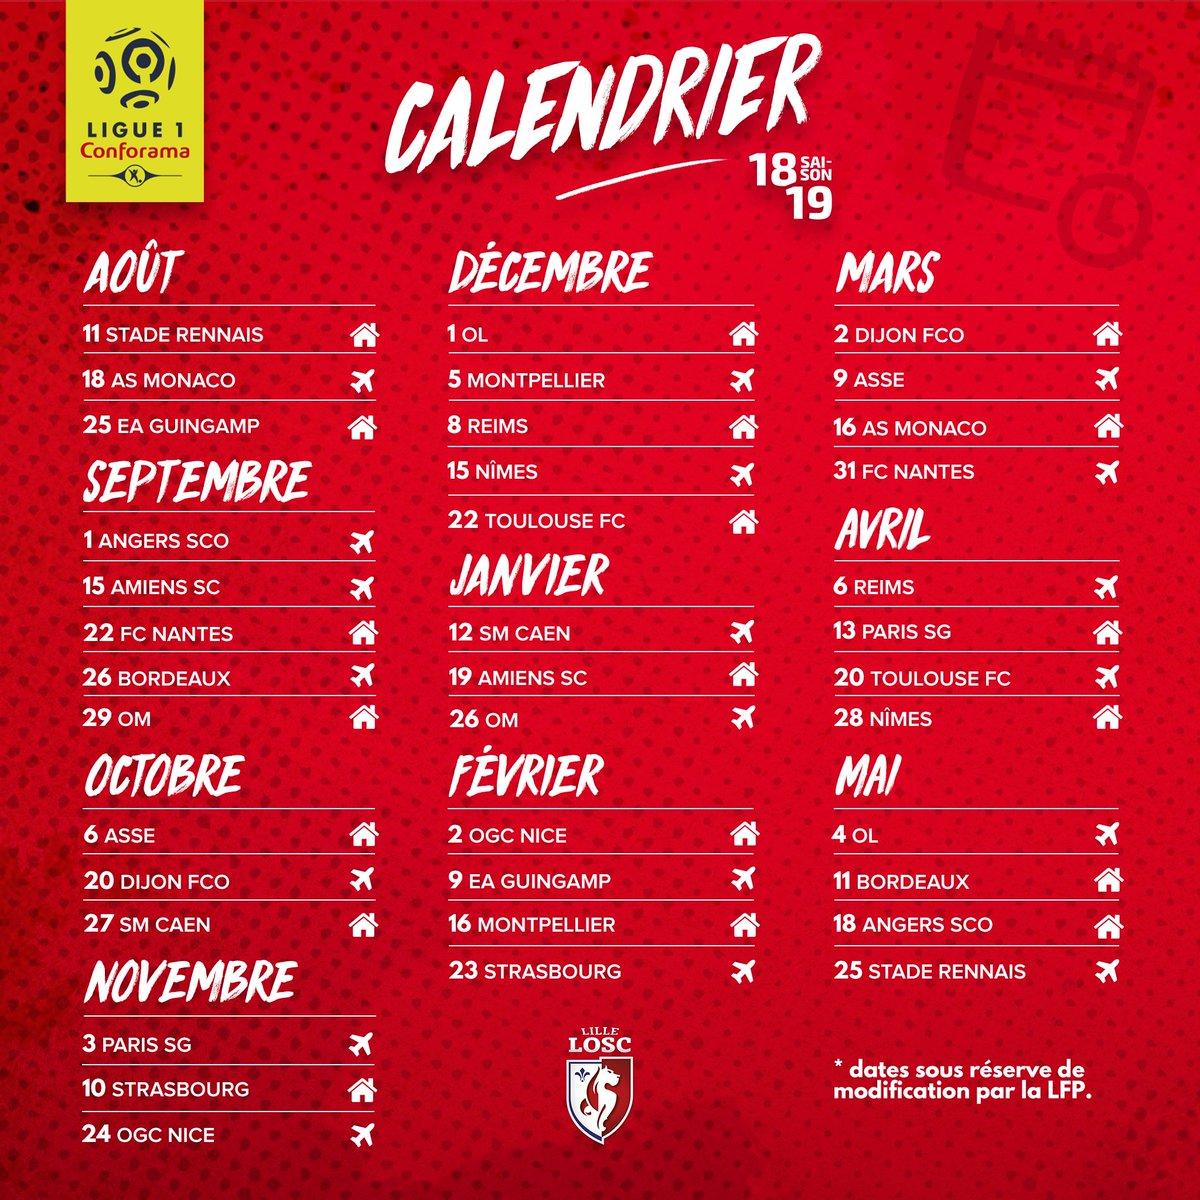 Calendrier Et Resultats Ligue 1.Losc Le Calendrier Complet De Lille Pour La Saison 2018